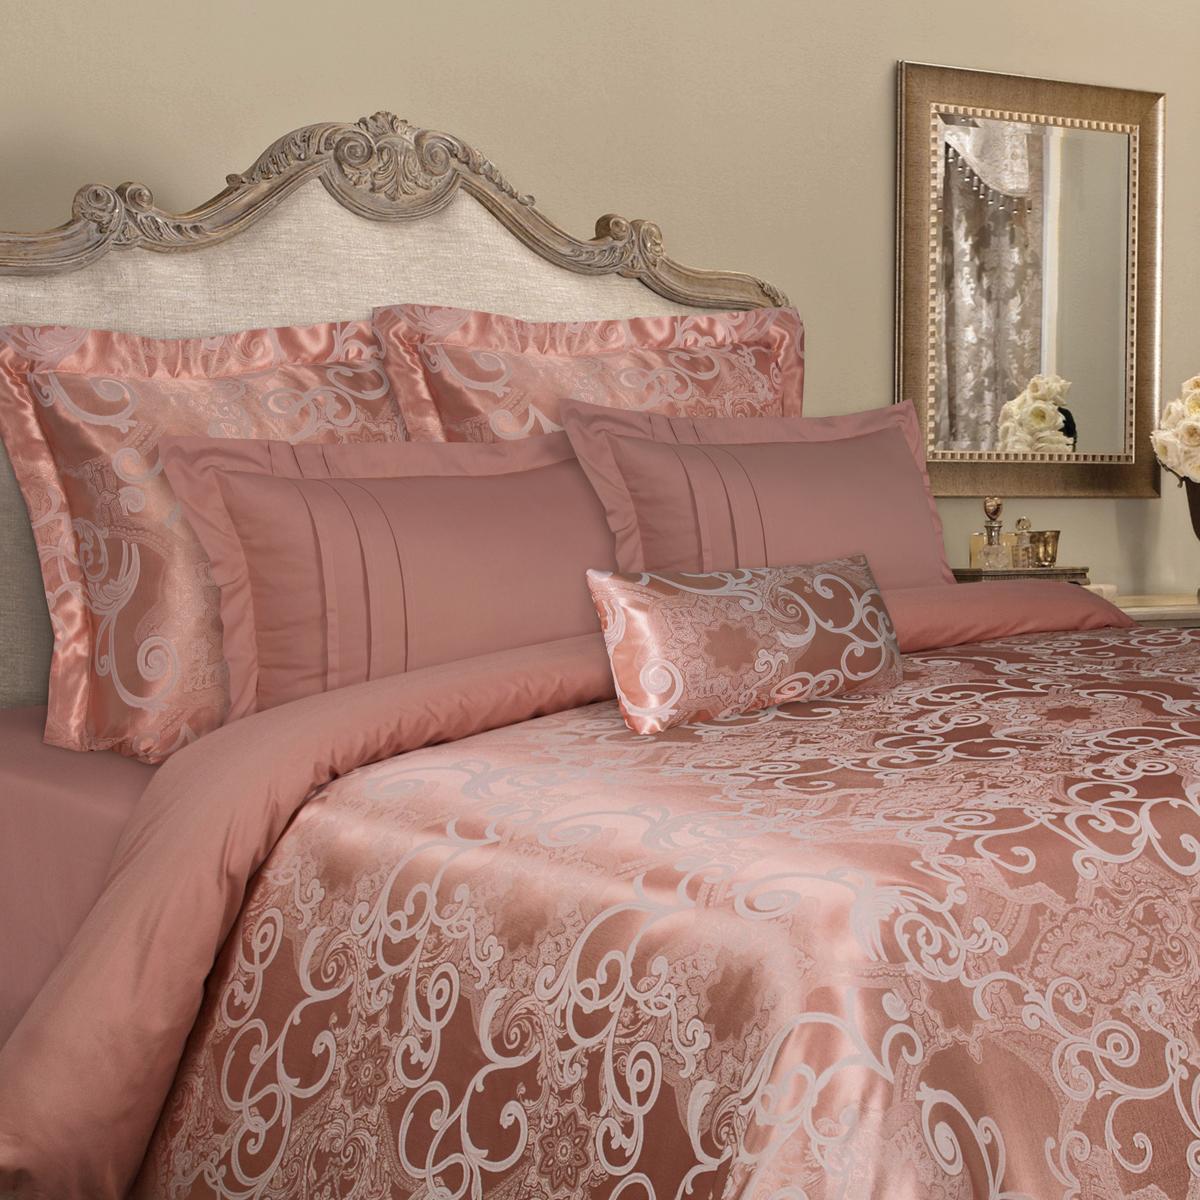 Комплект белья Mona Liza Elite, 2-спальный, наволочки 50х70, 70х70. 5538-24 комплект белья mona liza premium atelier 4 seasons евро наволочки 50х70 70х70 5049 001